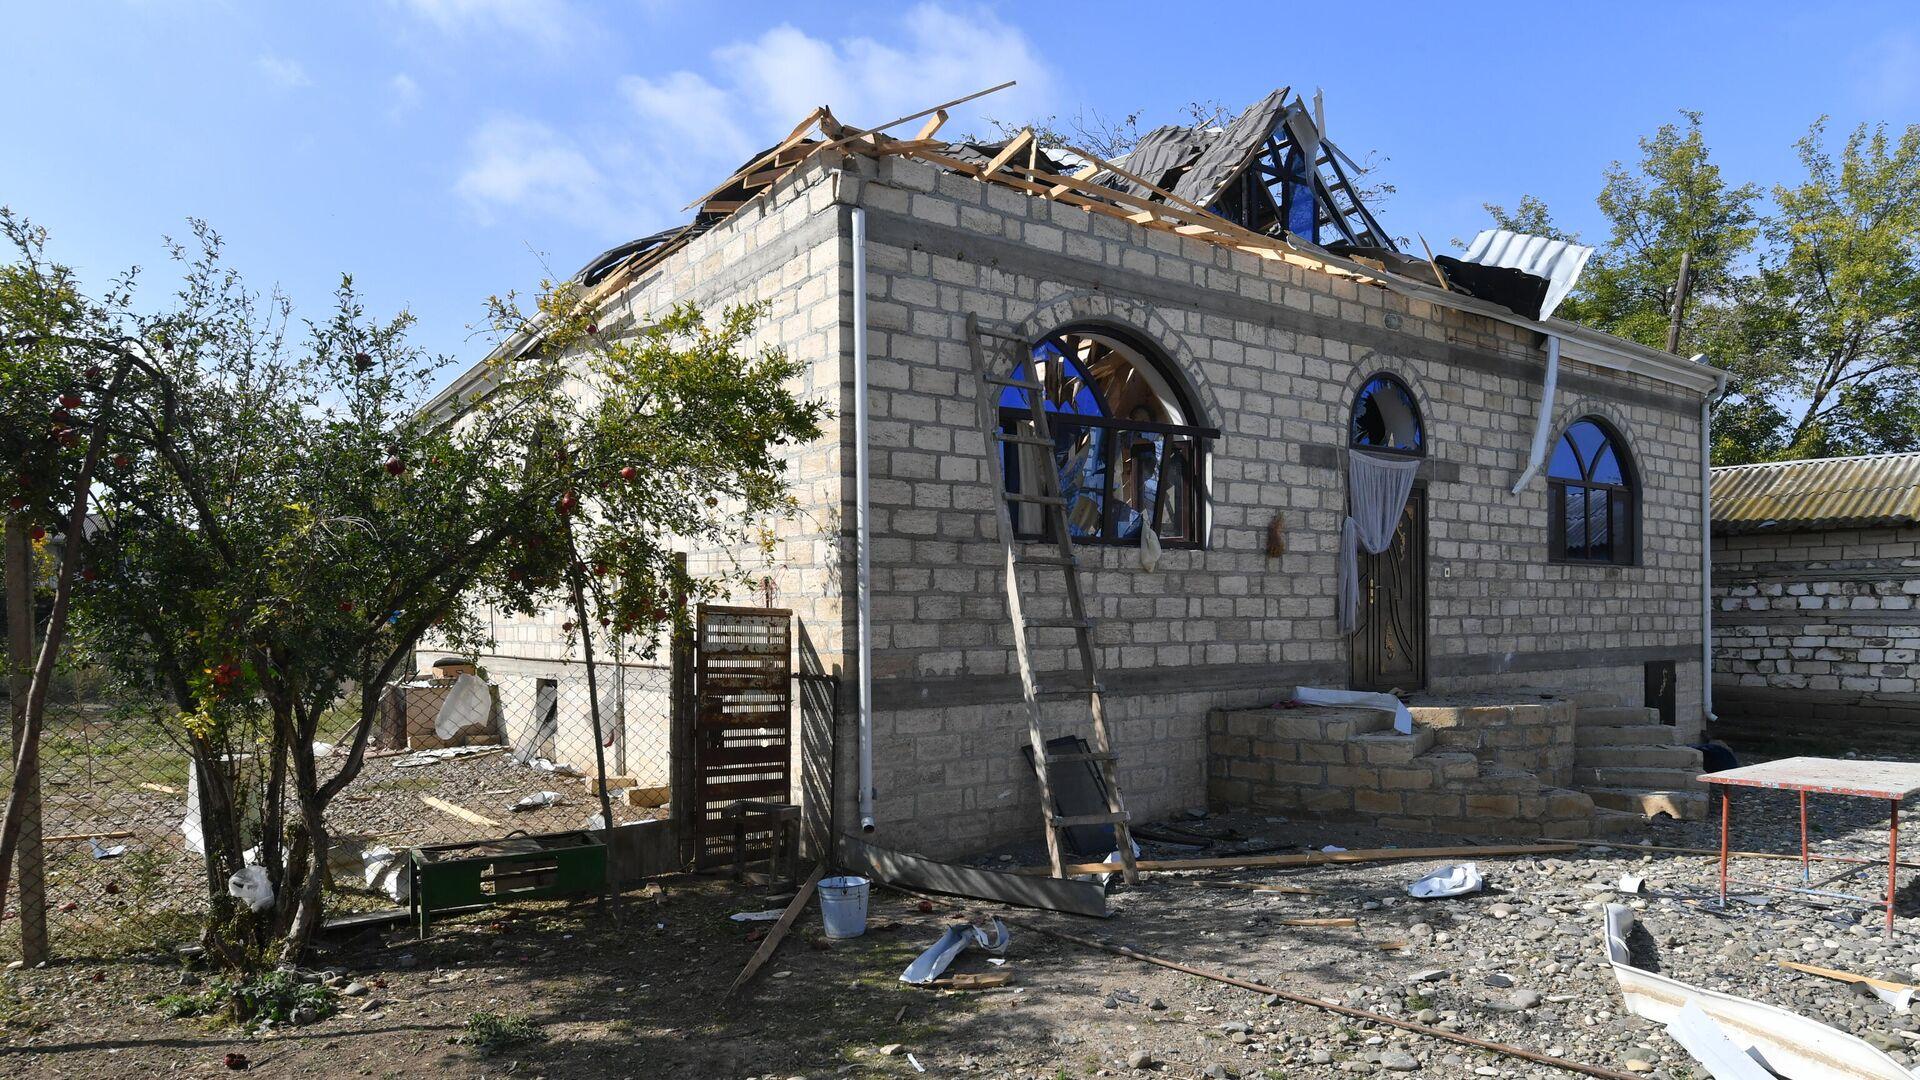 Разрушенный и сгоревший дом в результате обстрела в селе Карадаглы Агдамского района в Азербайджане. - РИА Новости, 1920, 24.10.2020